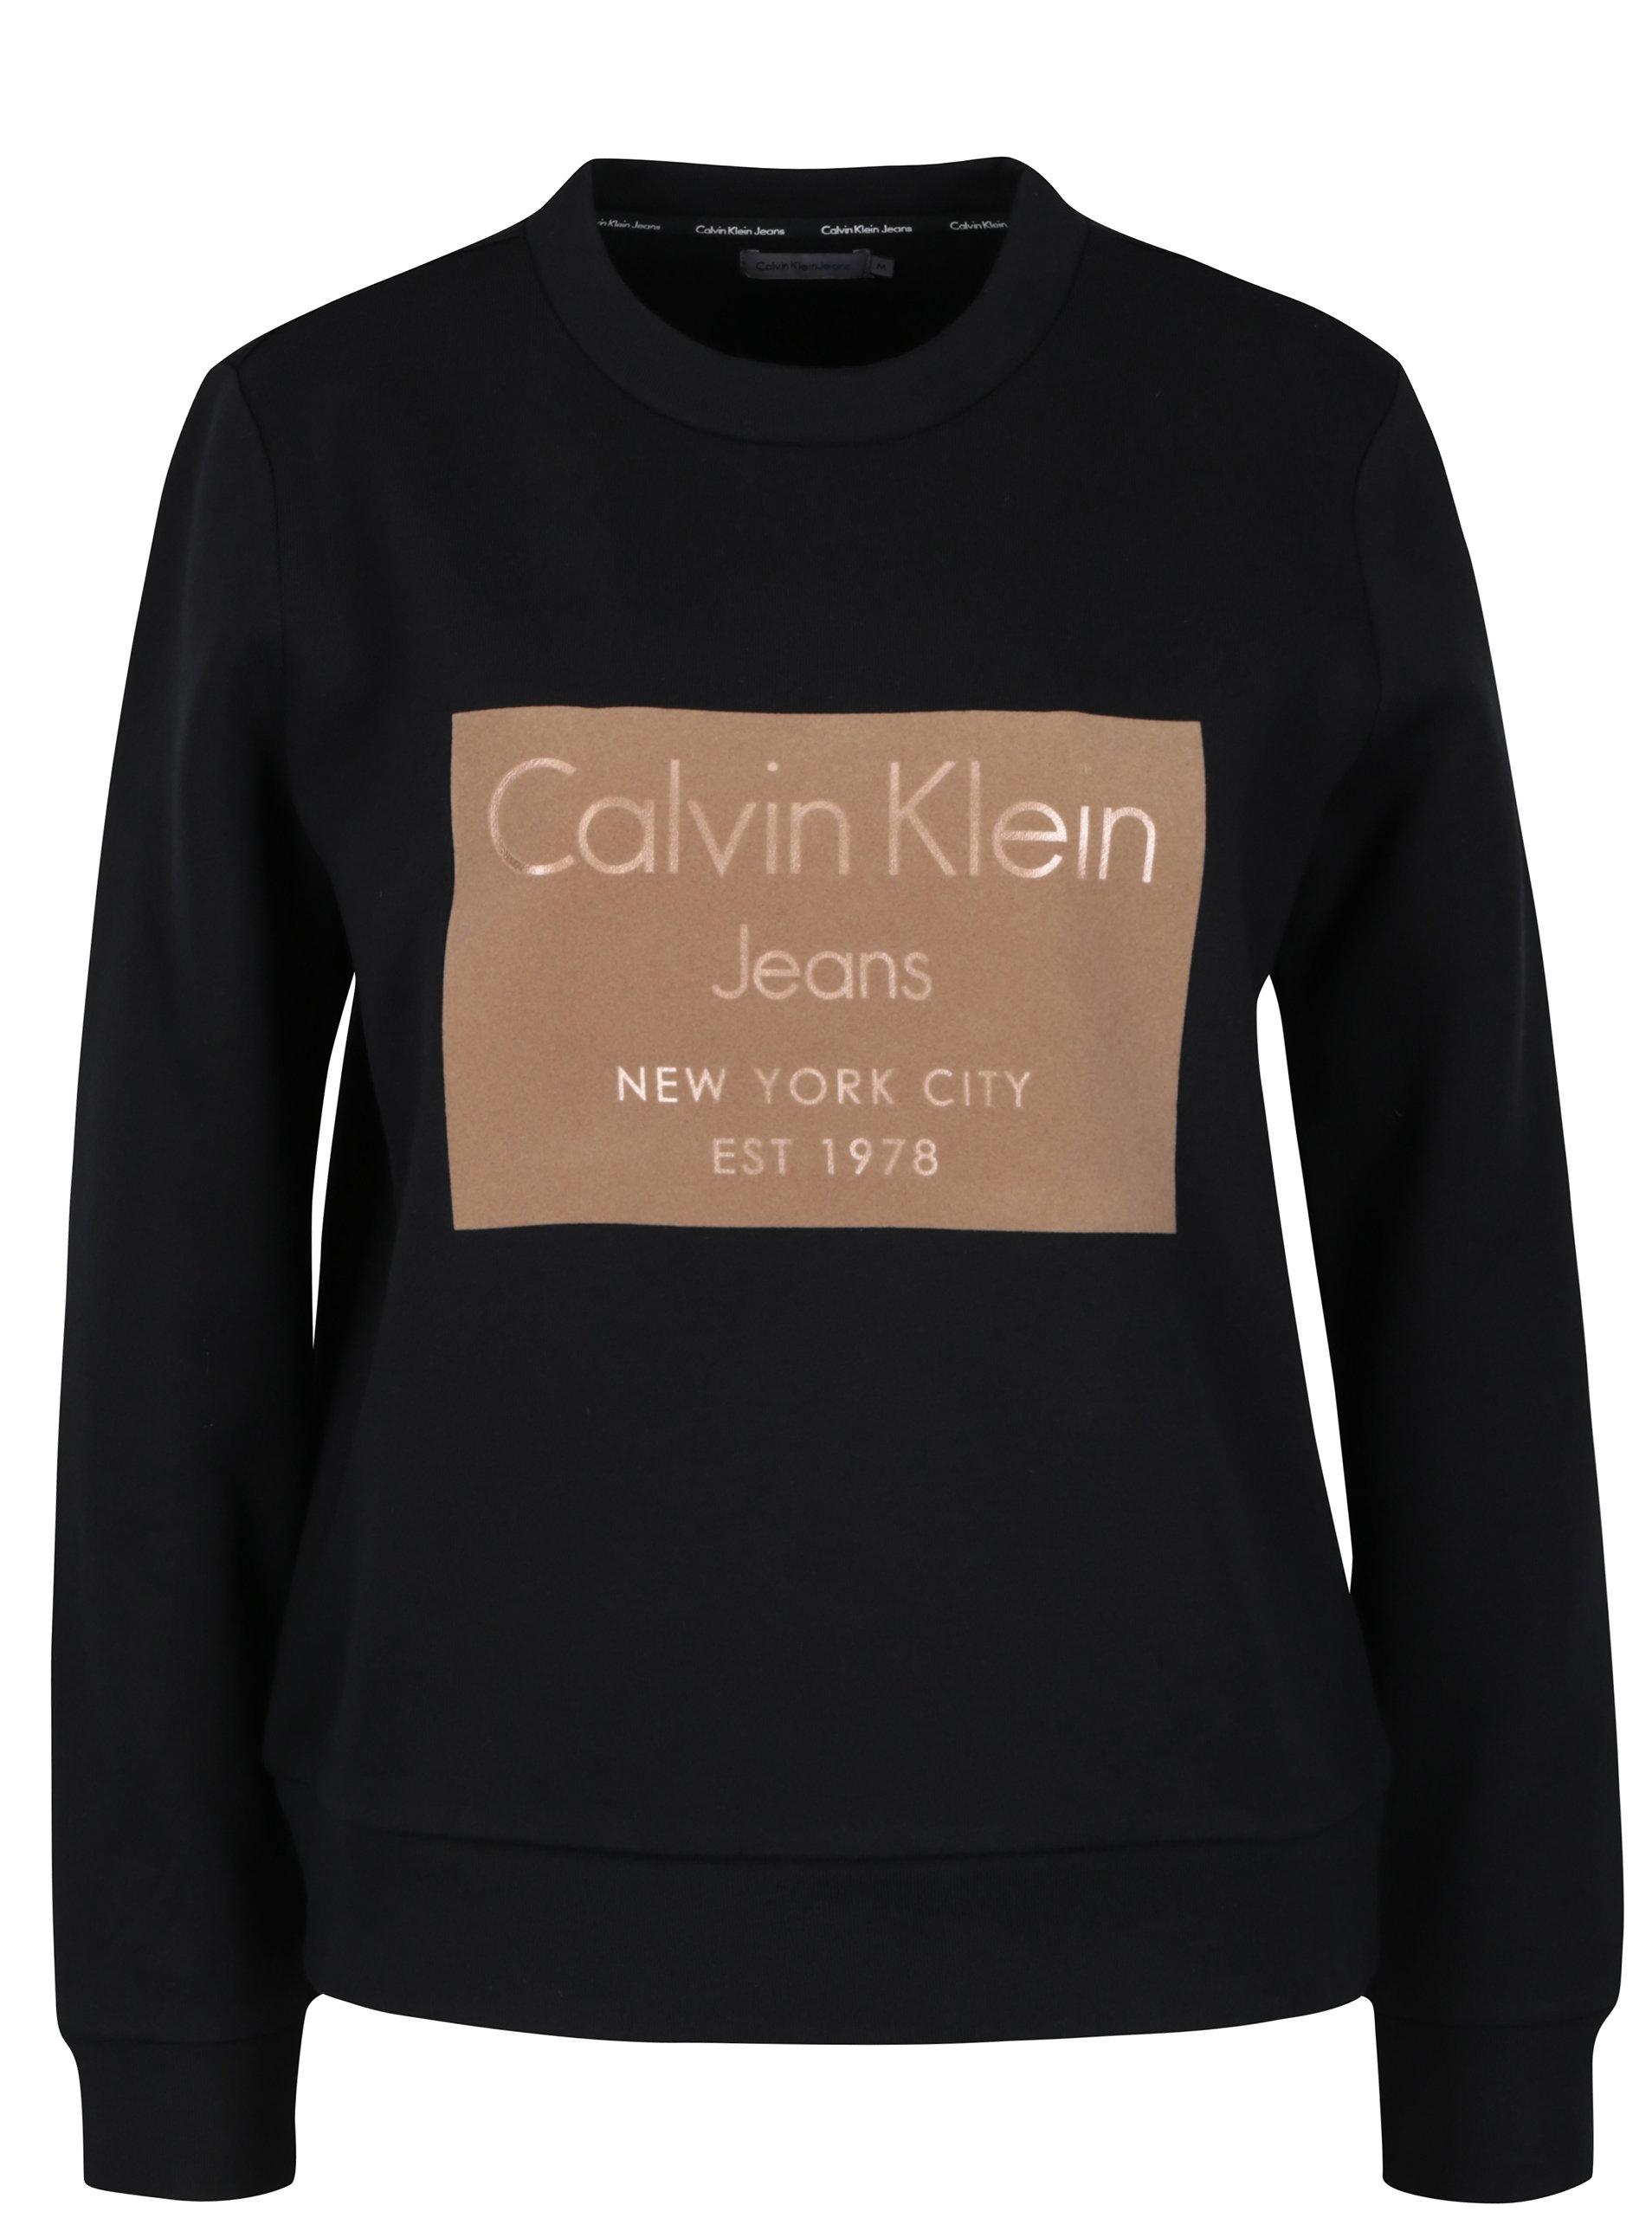 Hnědo-černá dámská mikina Calvin Klein Jeans Hansi ... 1470171dbf